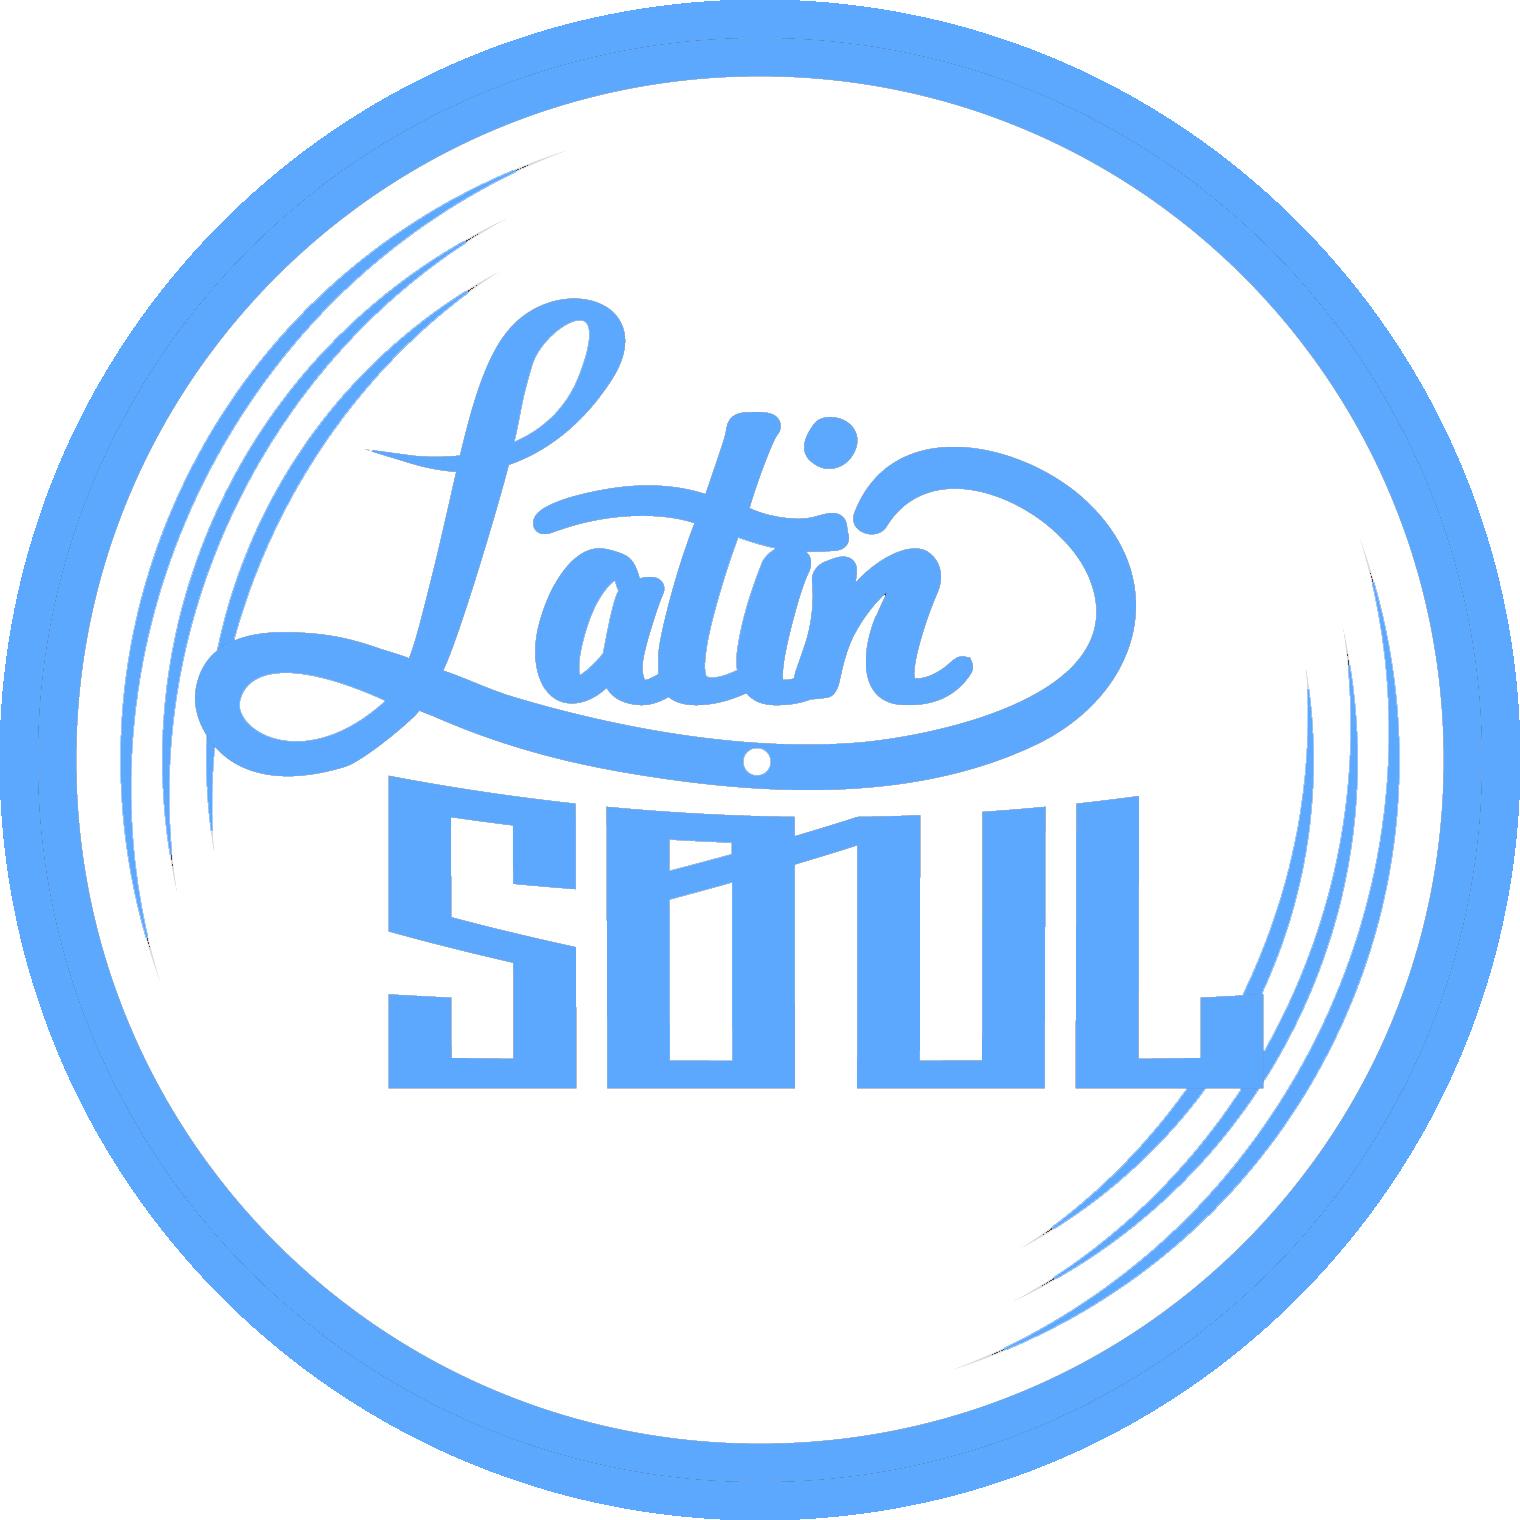 latinsoul live